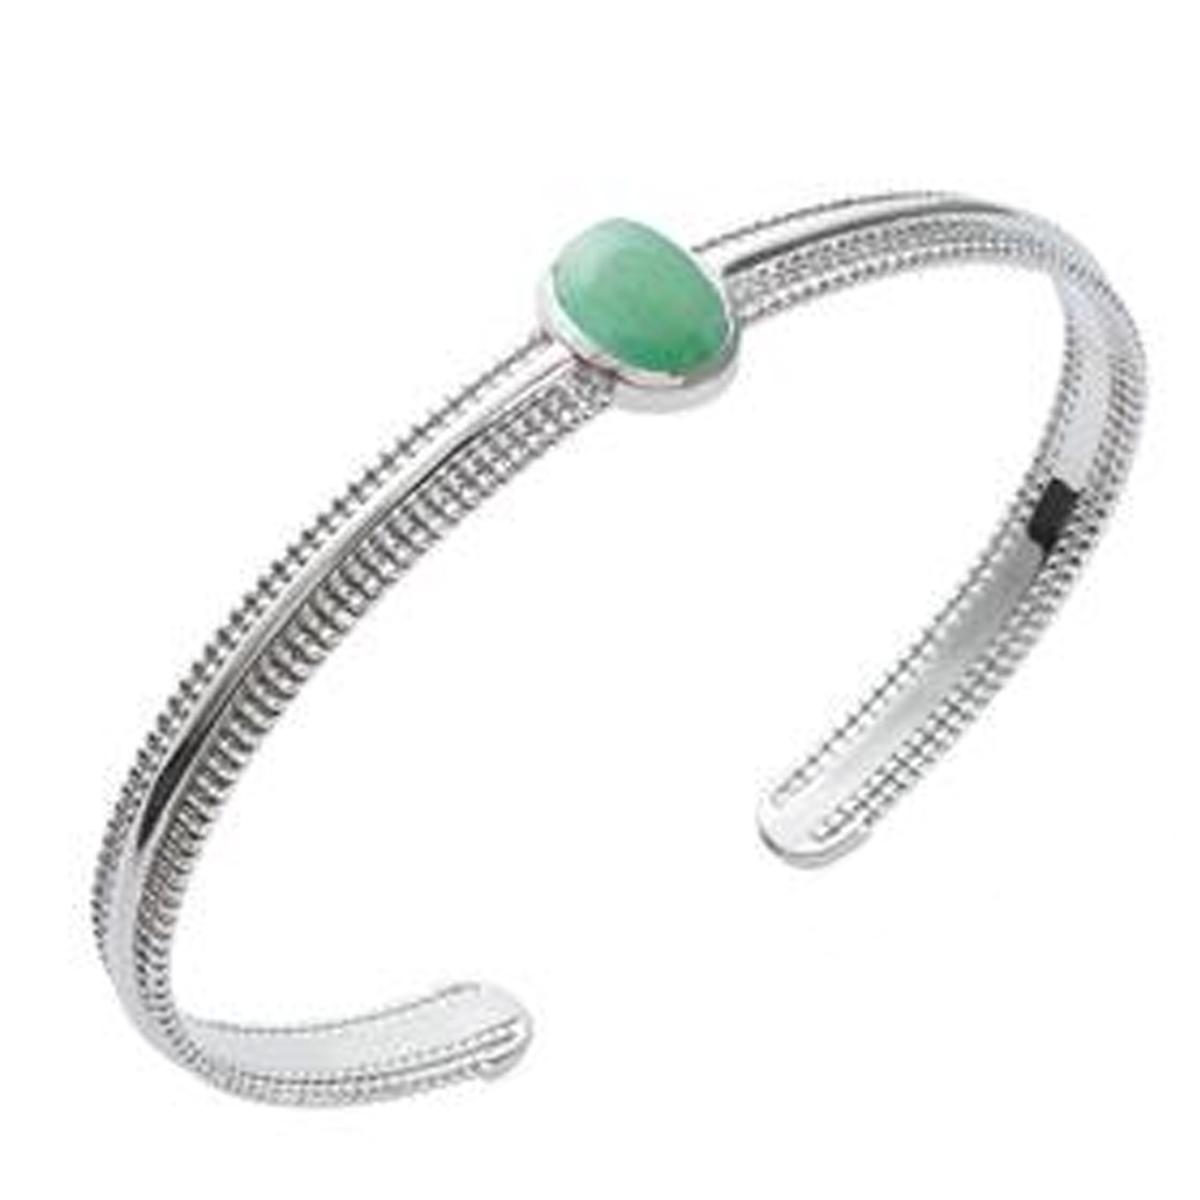 Bracelet Argent \'Cléopatra\' aventurine vert argenté (rhodié) - 58 mm 10x8 mm - [Q3706]